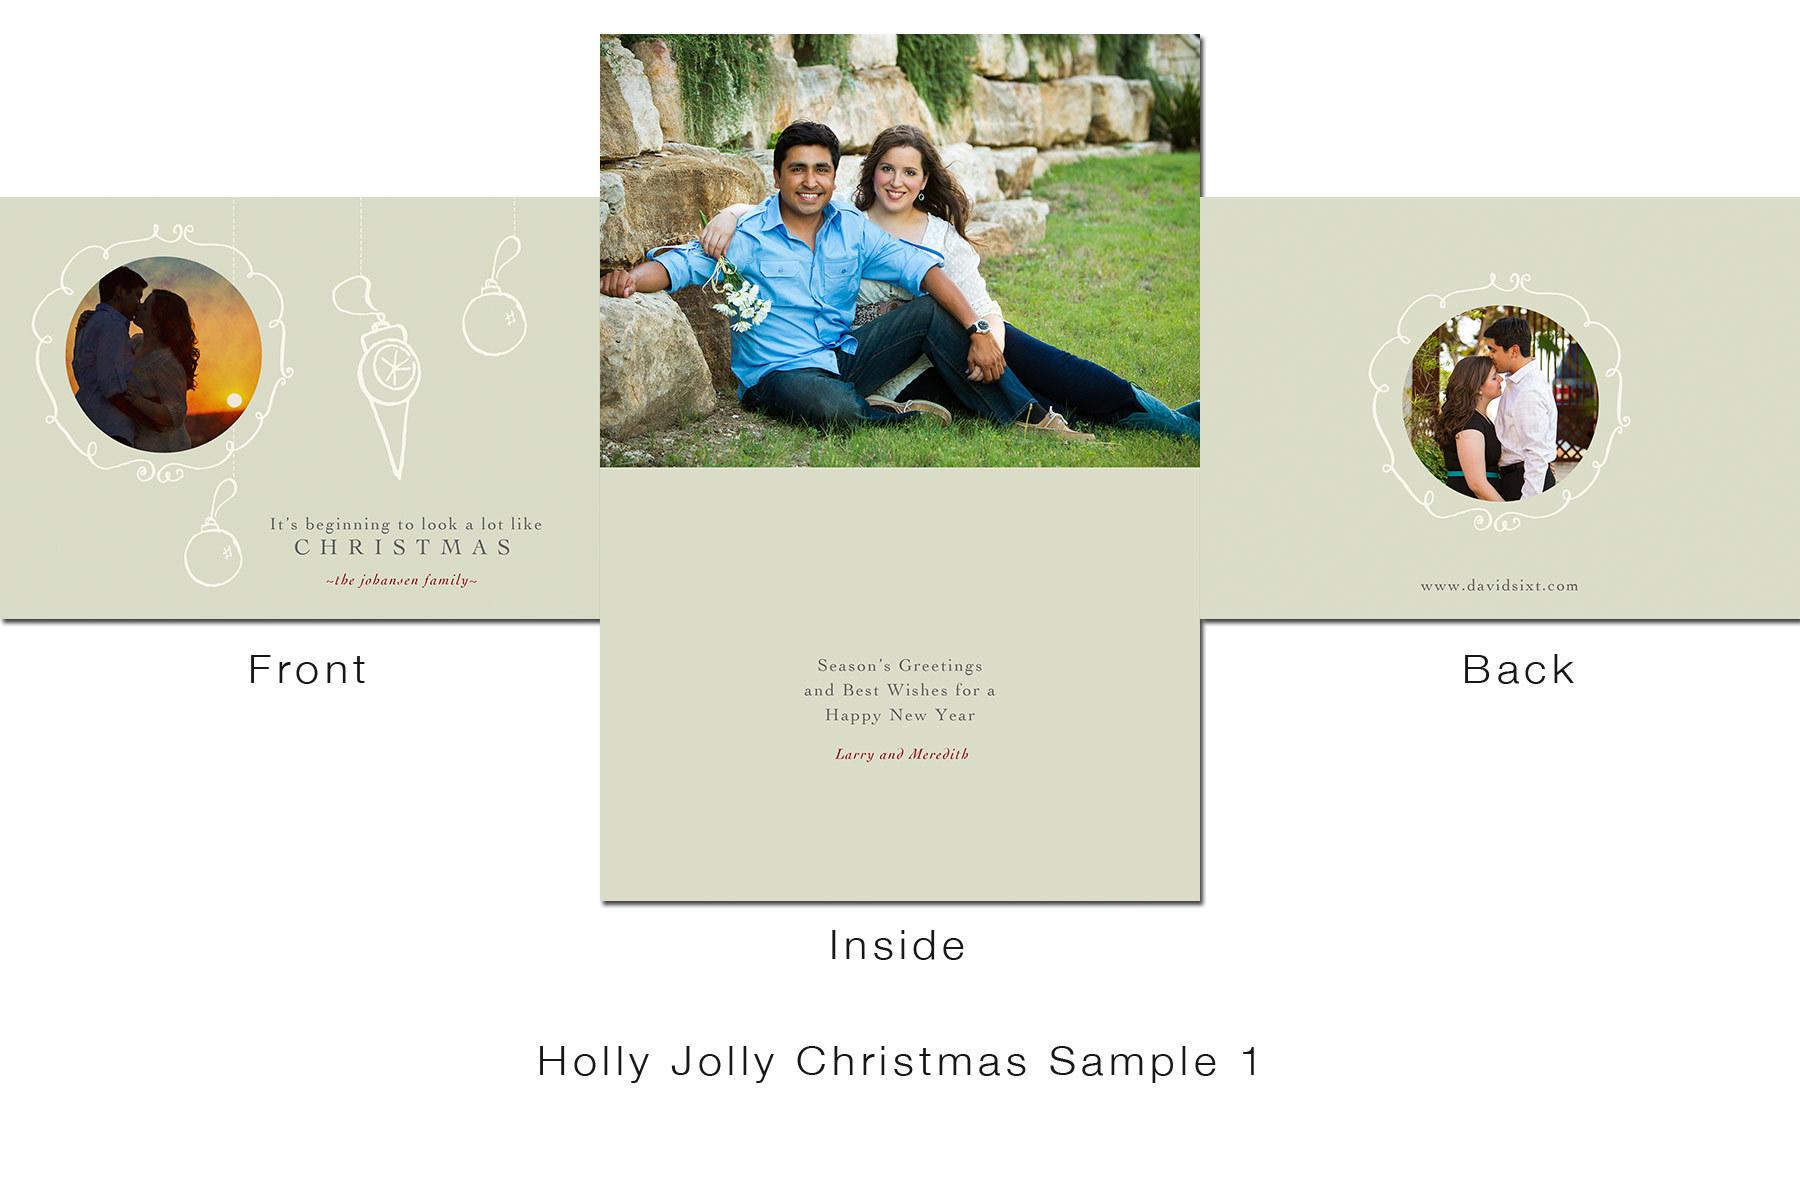 1holly_jolly_christmas_sample_1.jpg